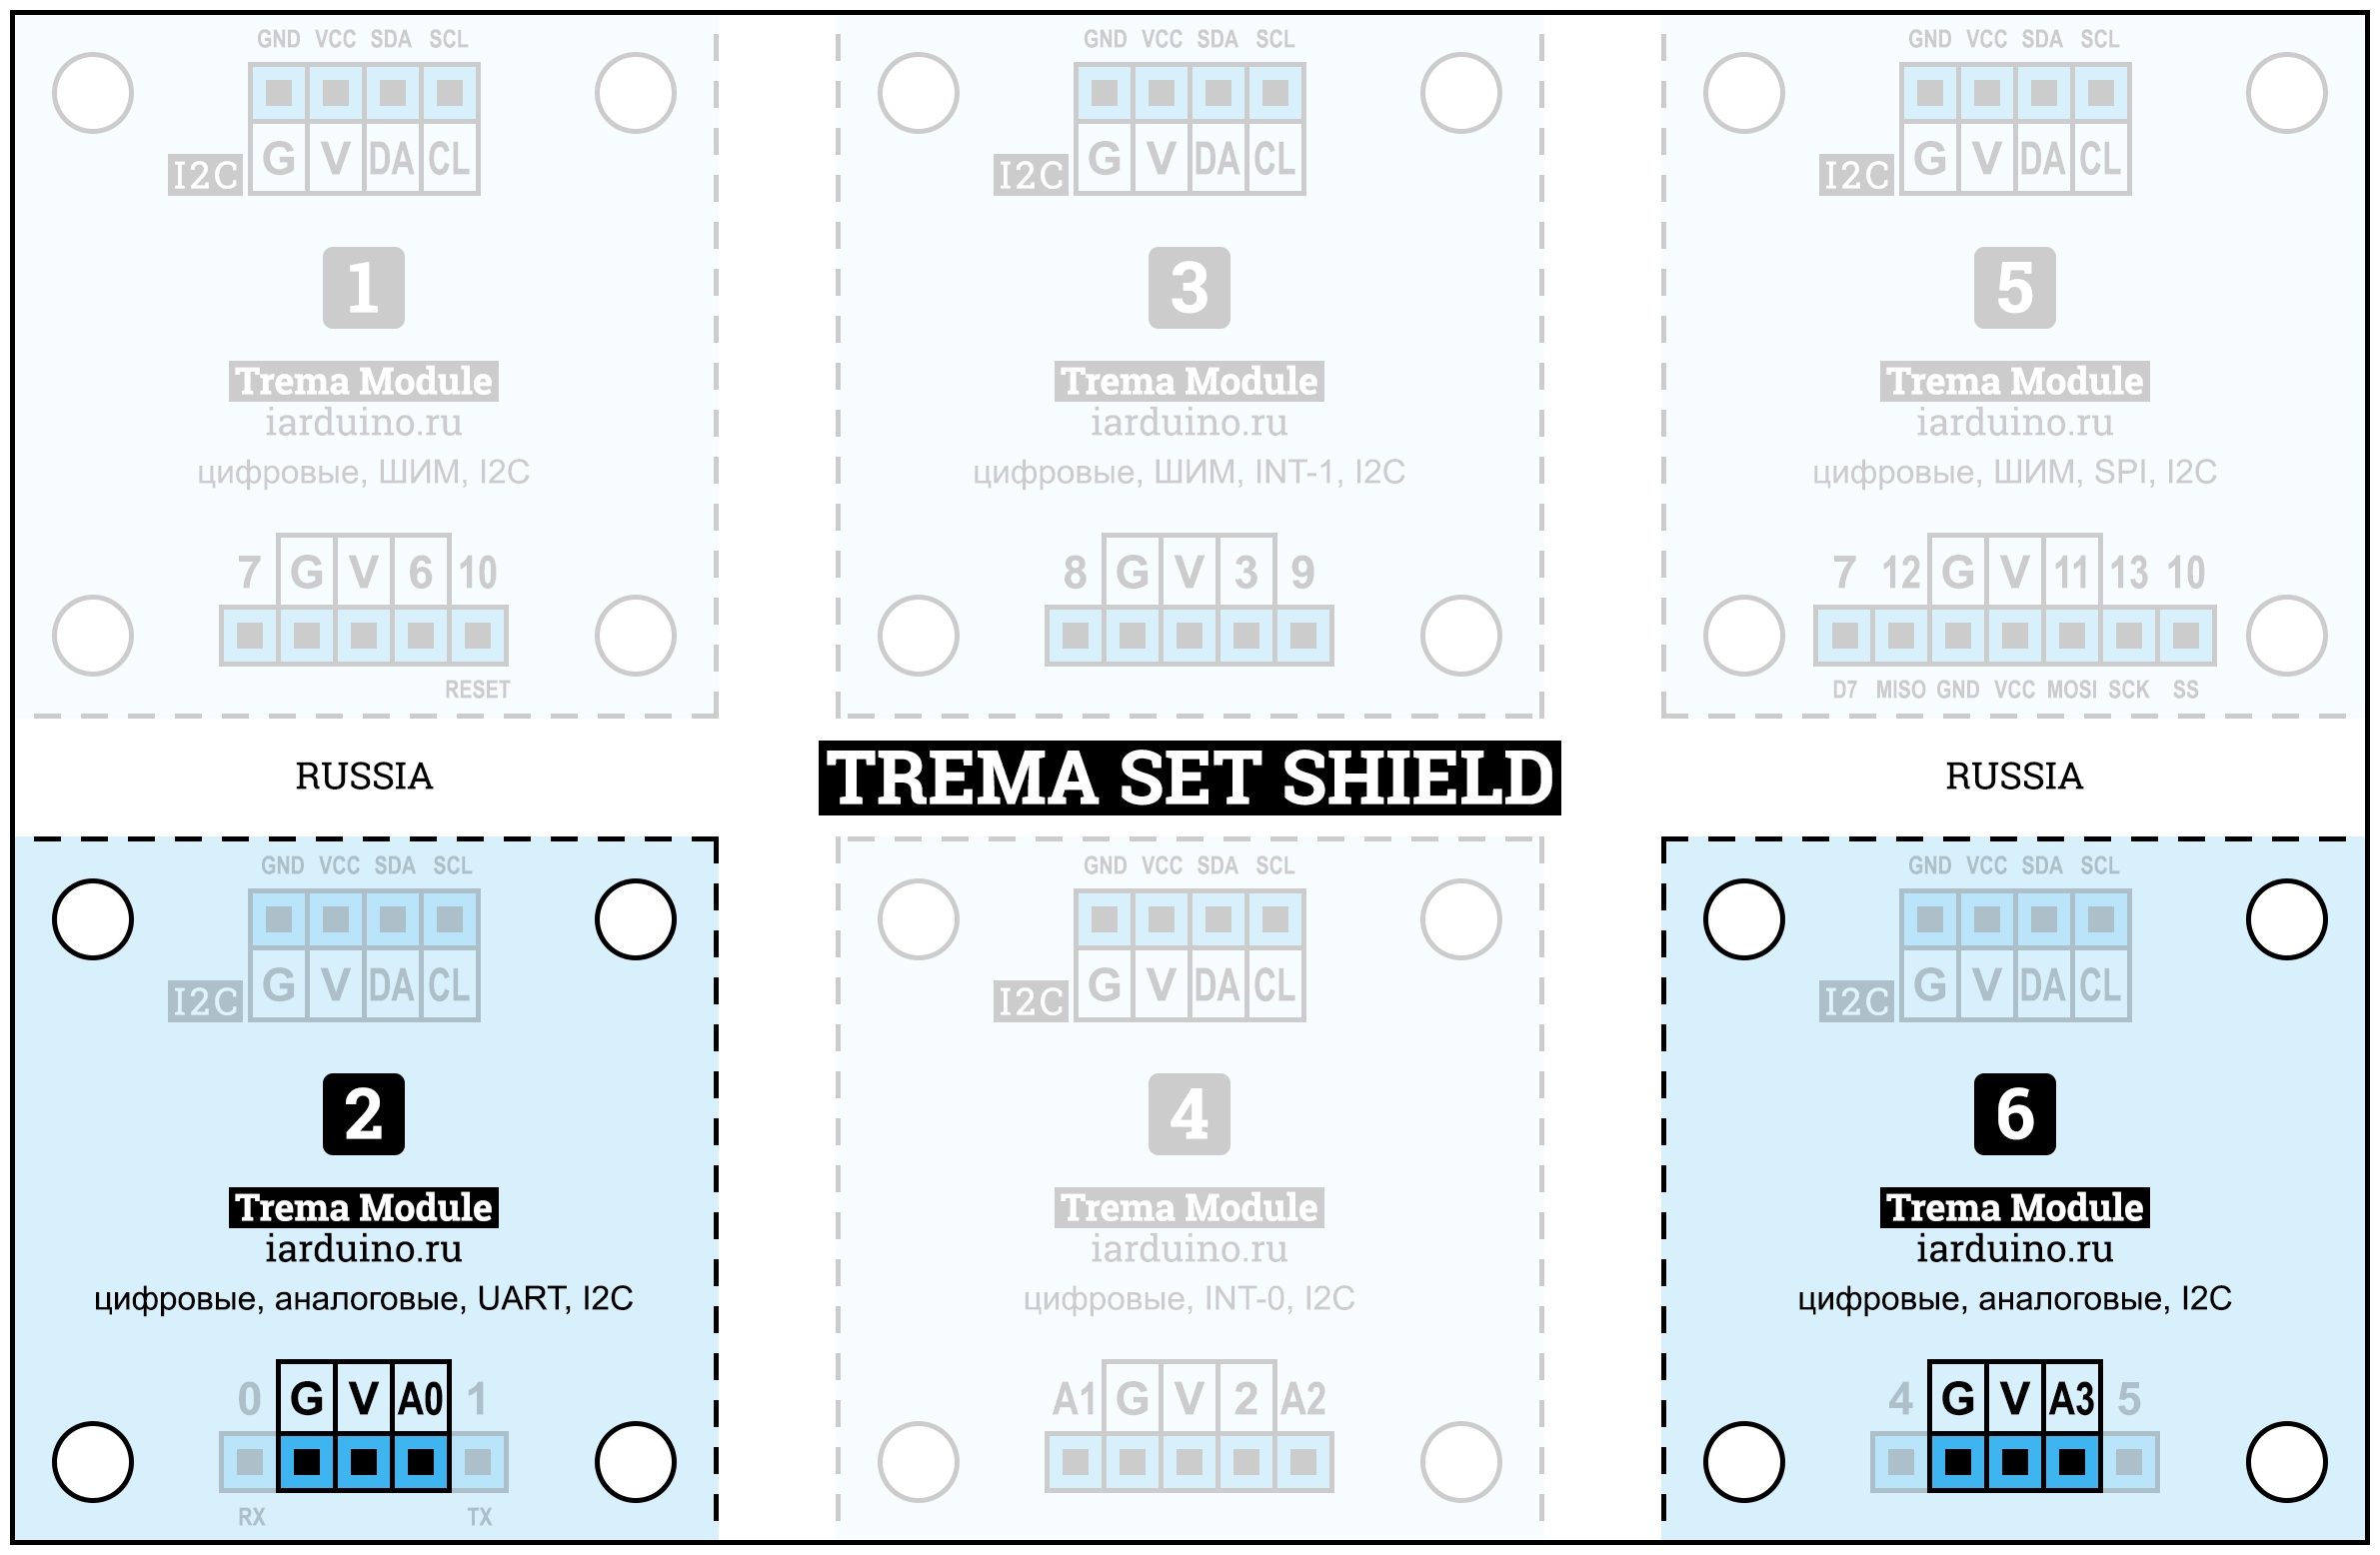 Схема подключения аналоговых модулей с 3 выводами к Trema Set Shield